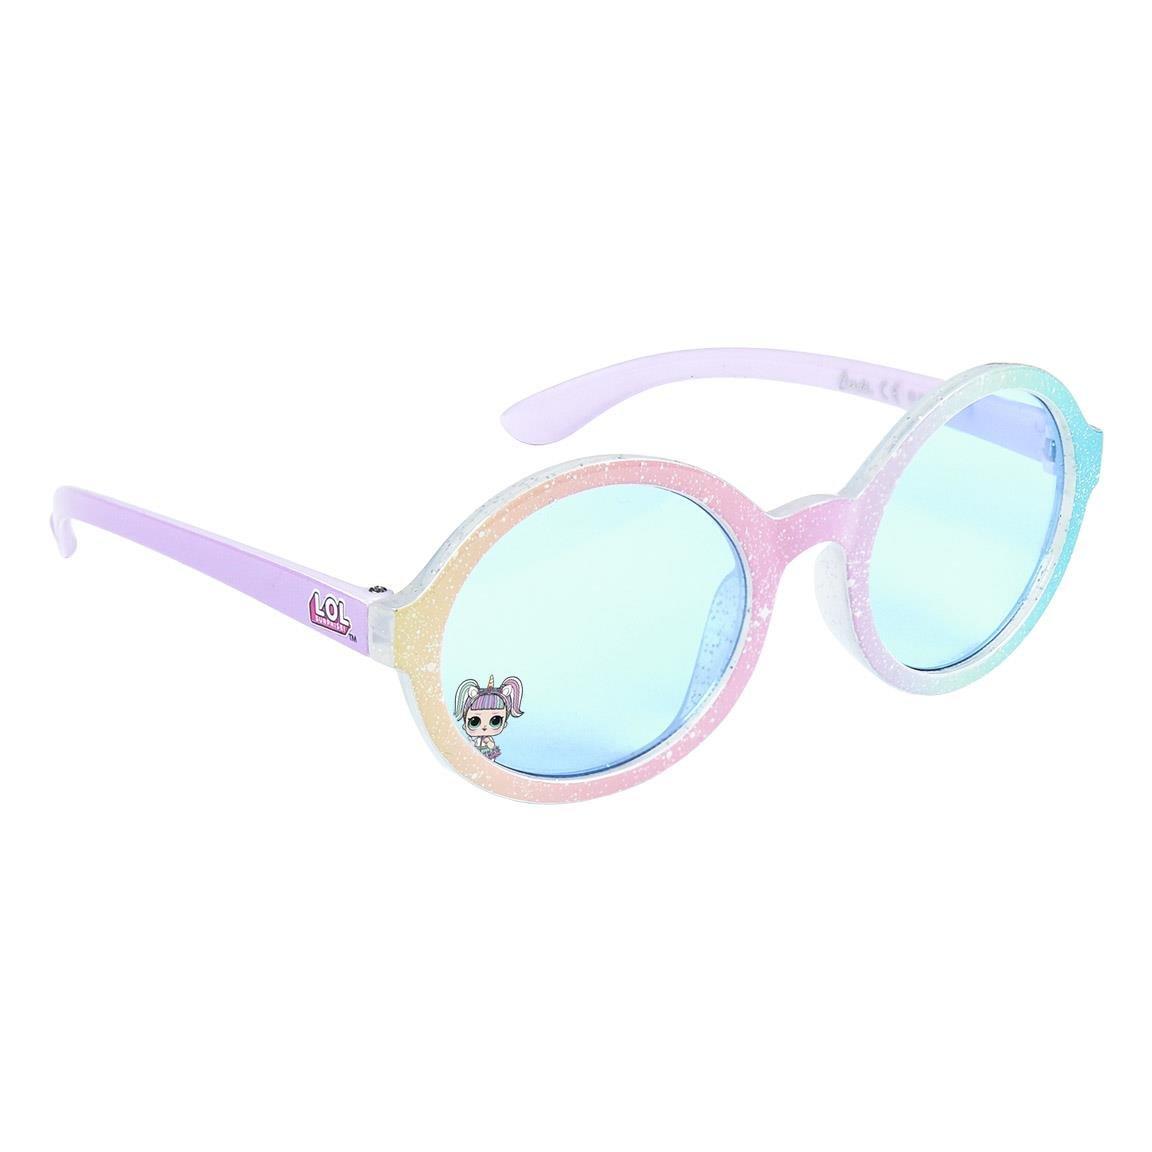 Ochelari de soare LOL imagine